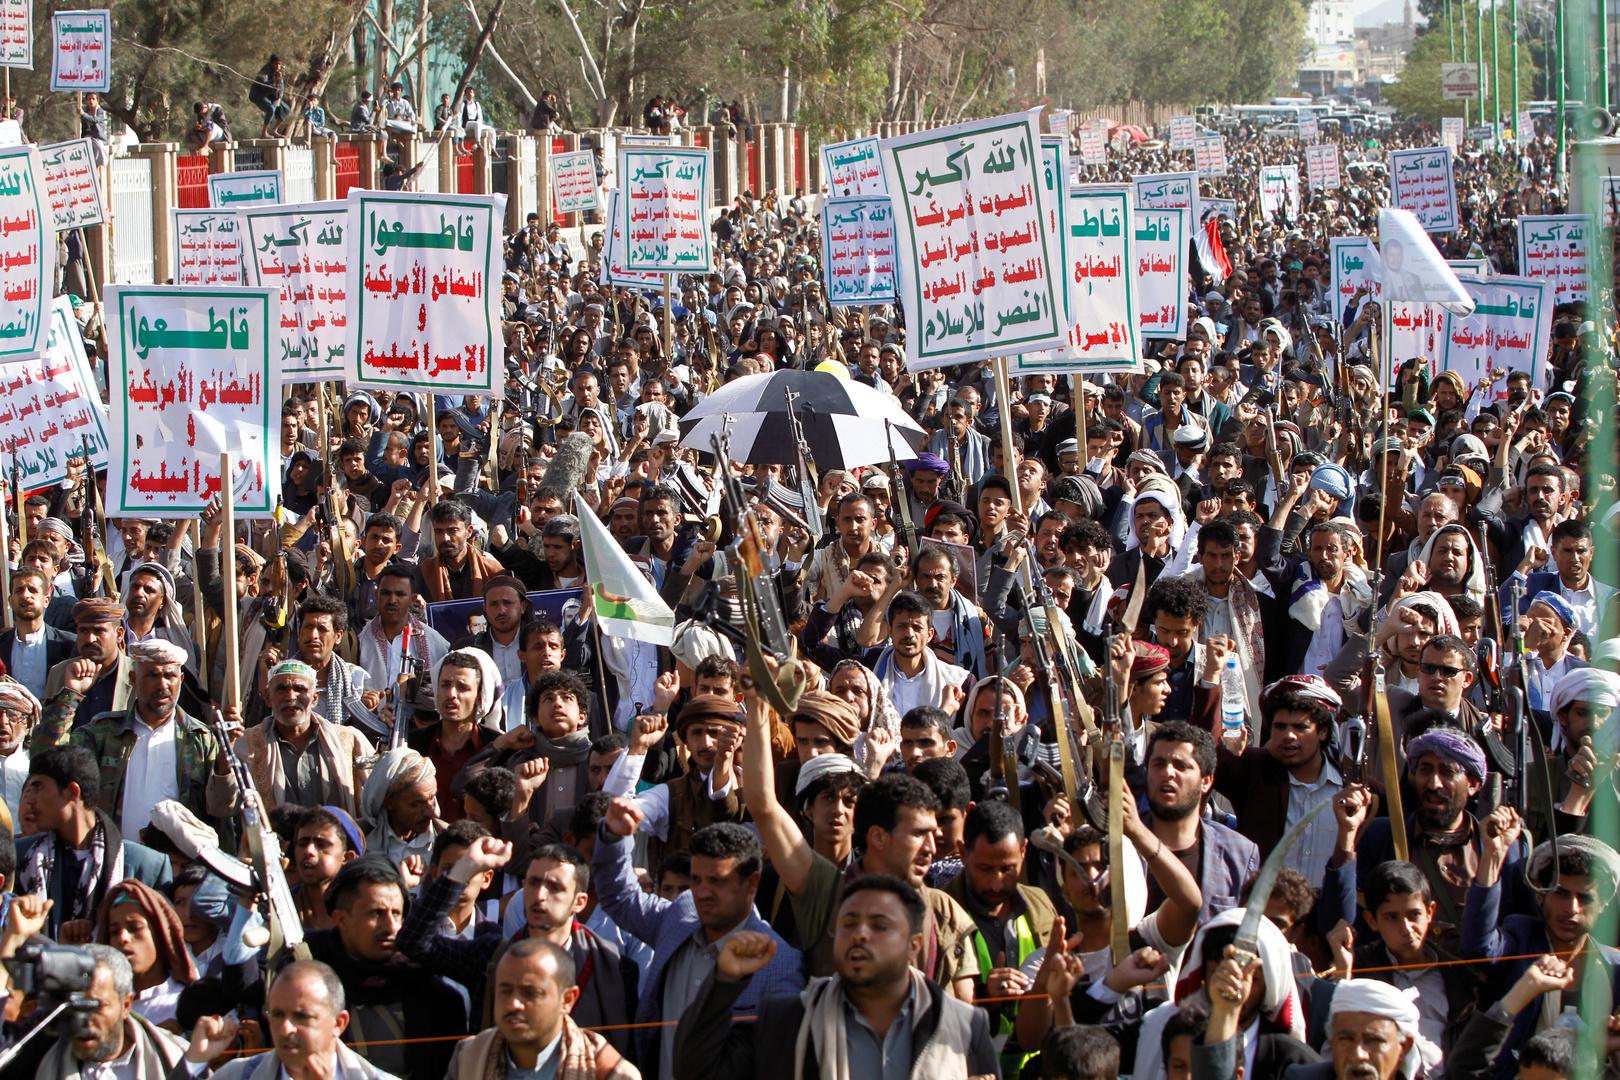 الخارجية الأمريكية تعتزم تصنيف جماعة الحوثيين في اليمن منظمة إرهابية